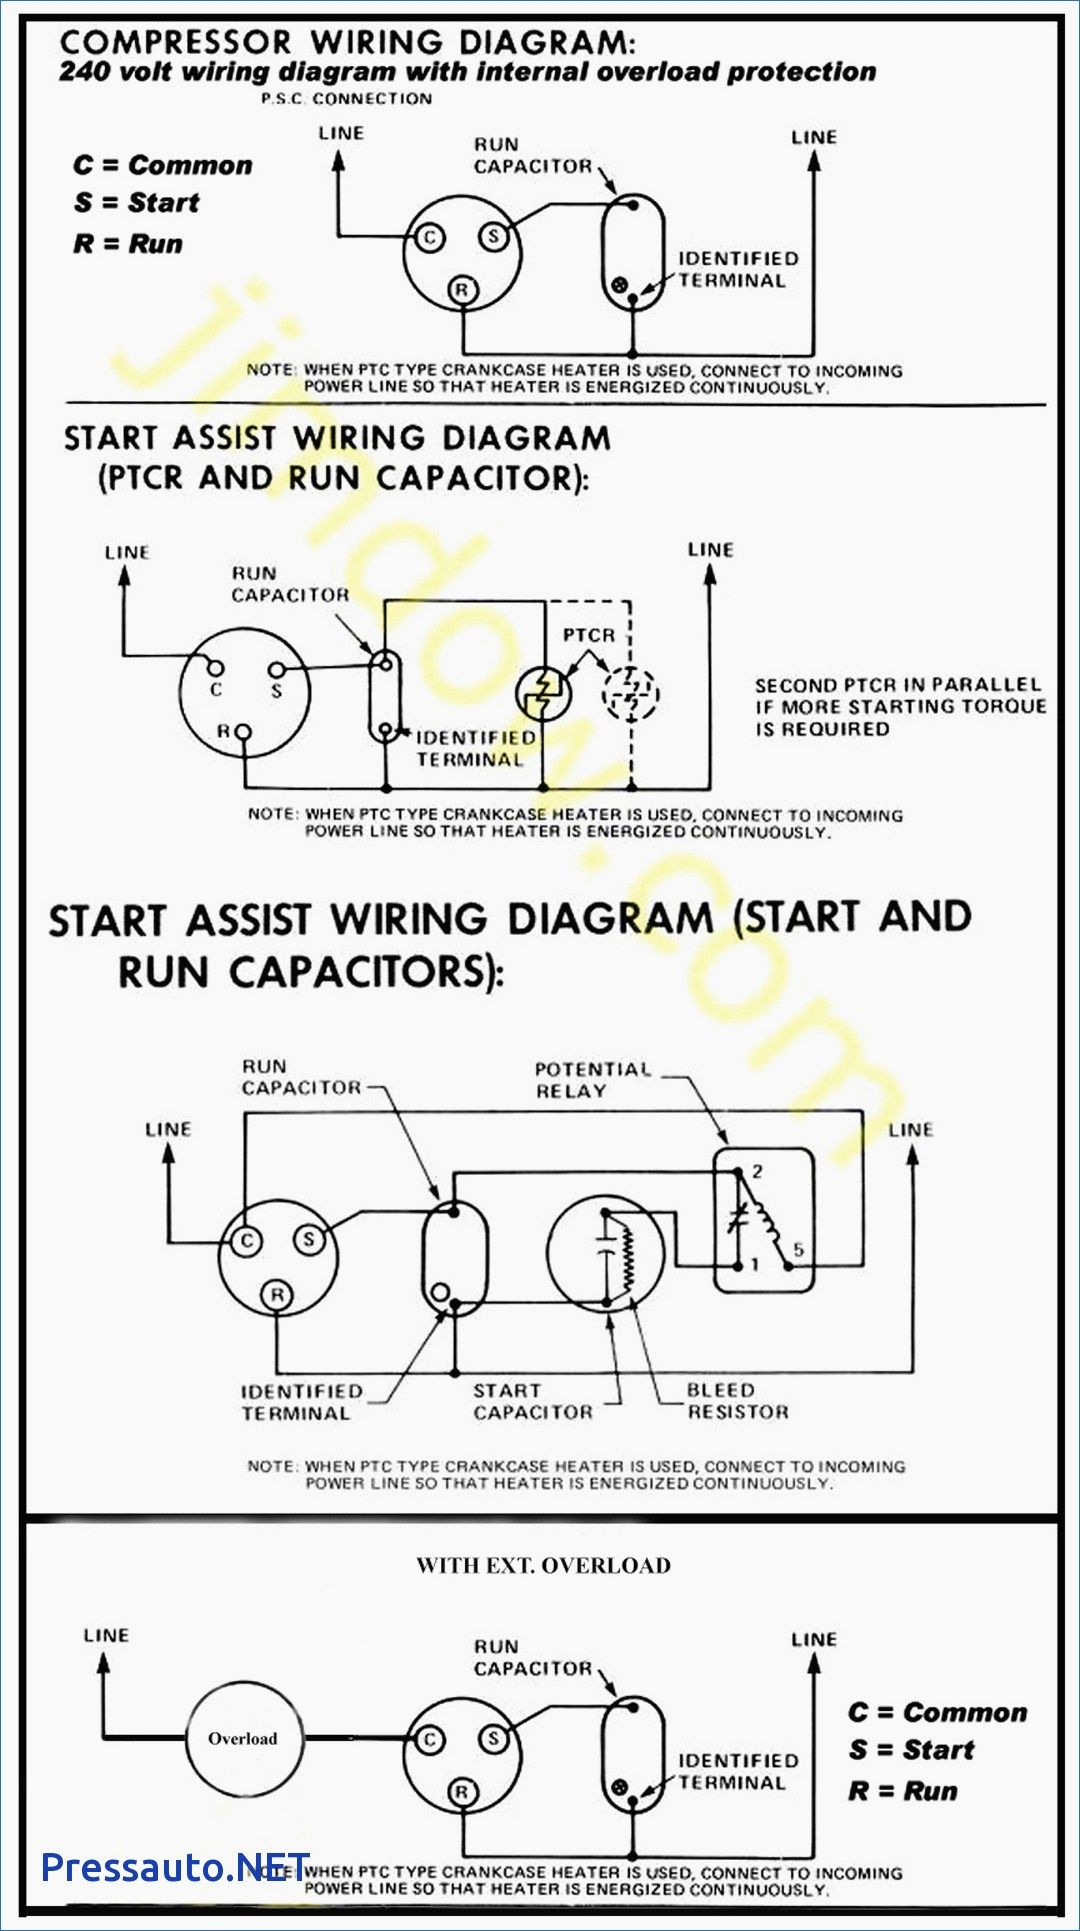 Hard Start Capacitor Wiring Diagram Throughout Starting | Got It Now - Hard Start Capacitor Wiring Diagram